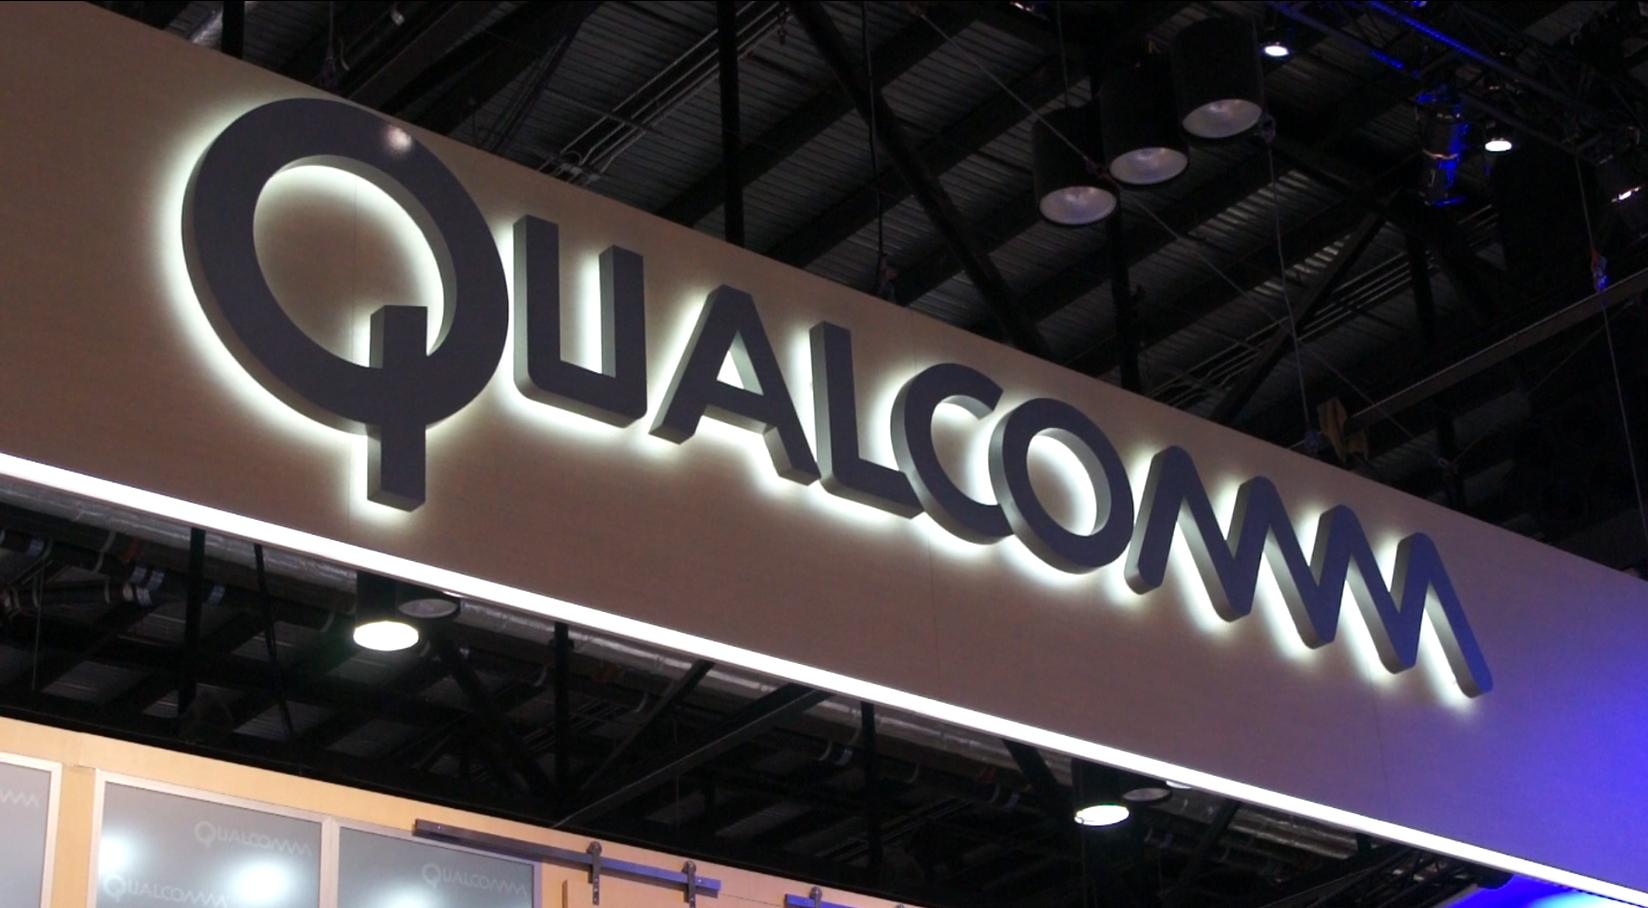 كوالكوم تستحوذ على NXP في صفقة قيمتها 47 مليار$